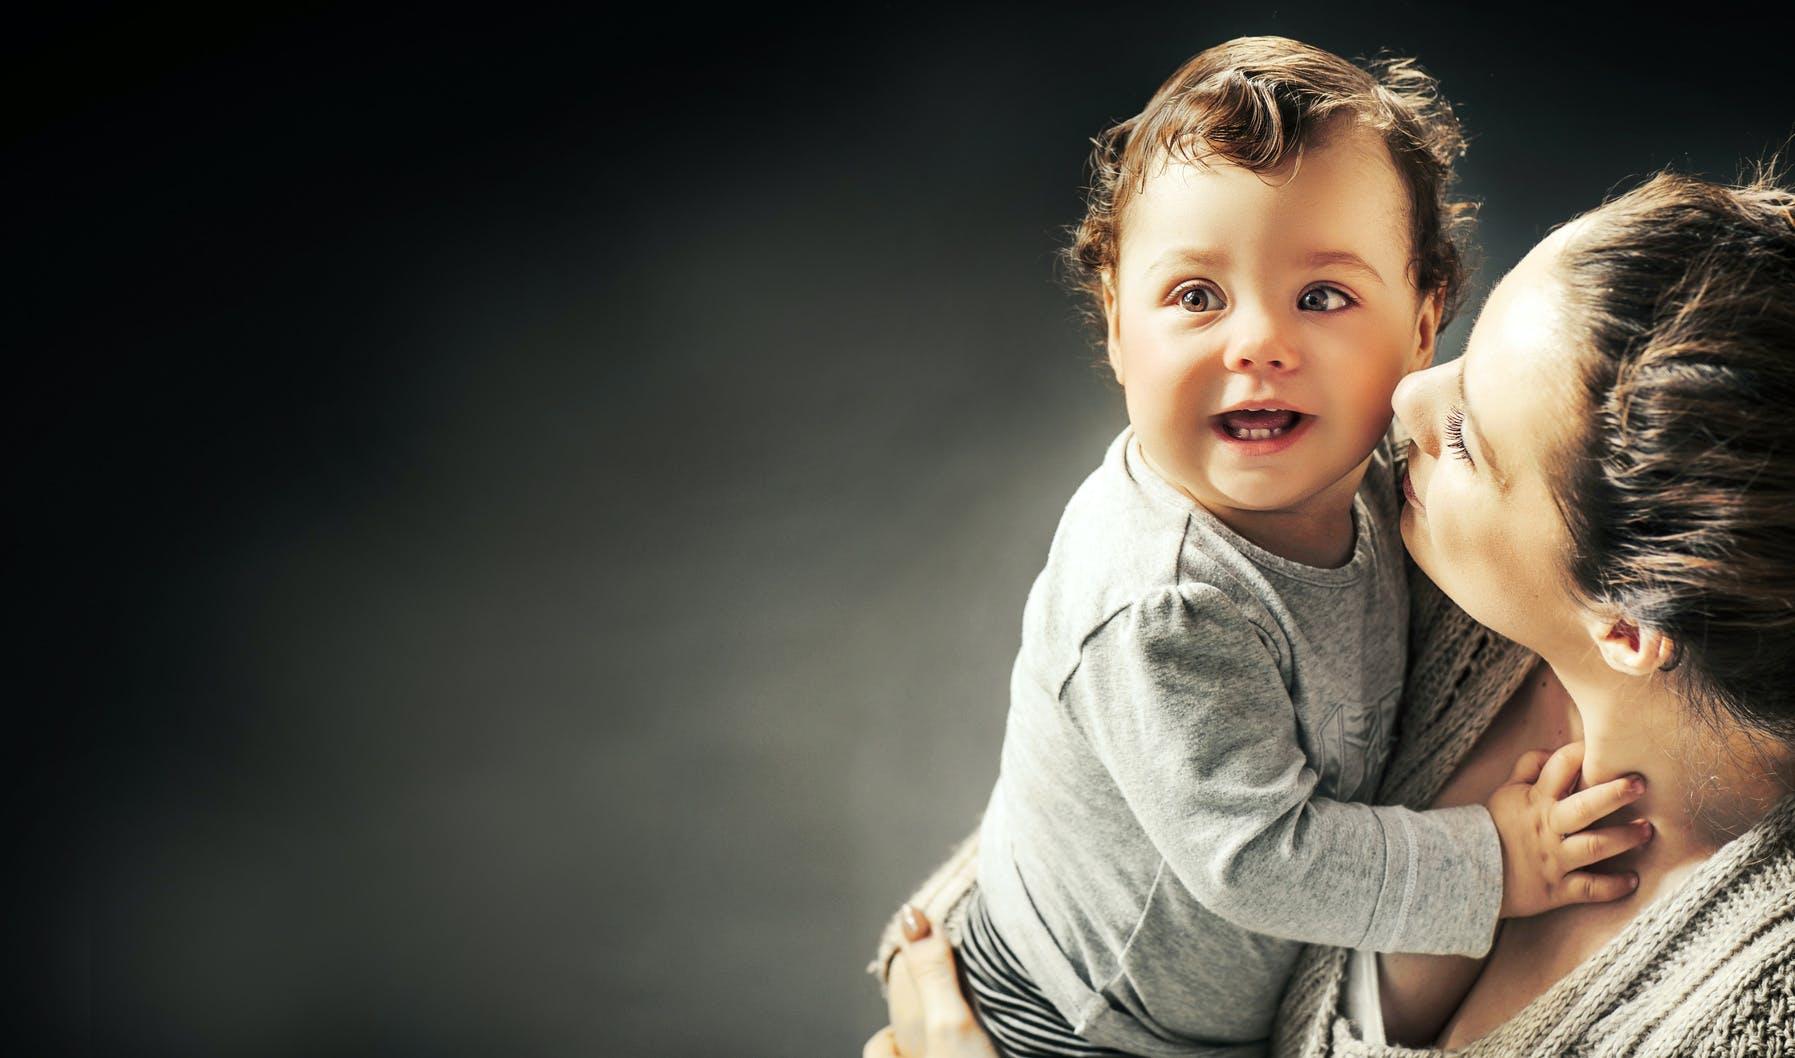 Faire des gars comme la datation mères célibataires